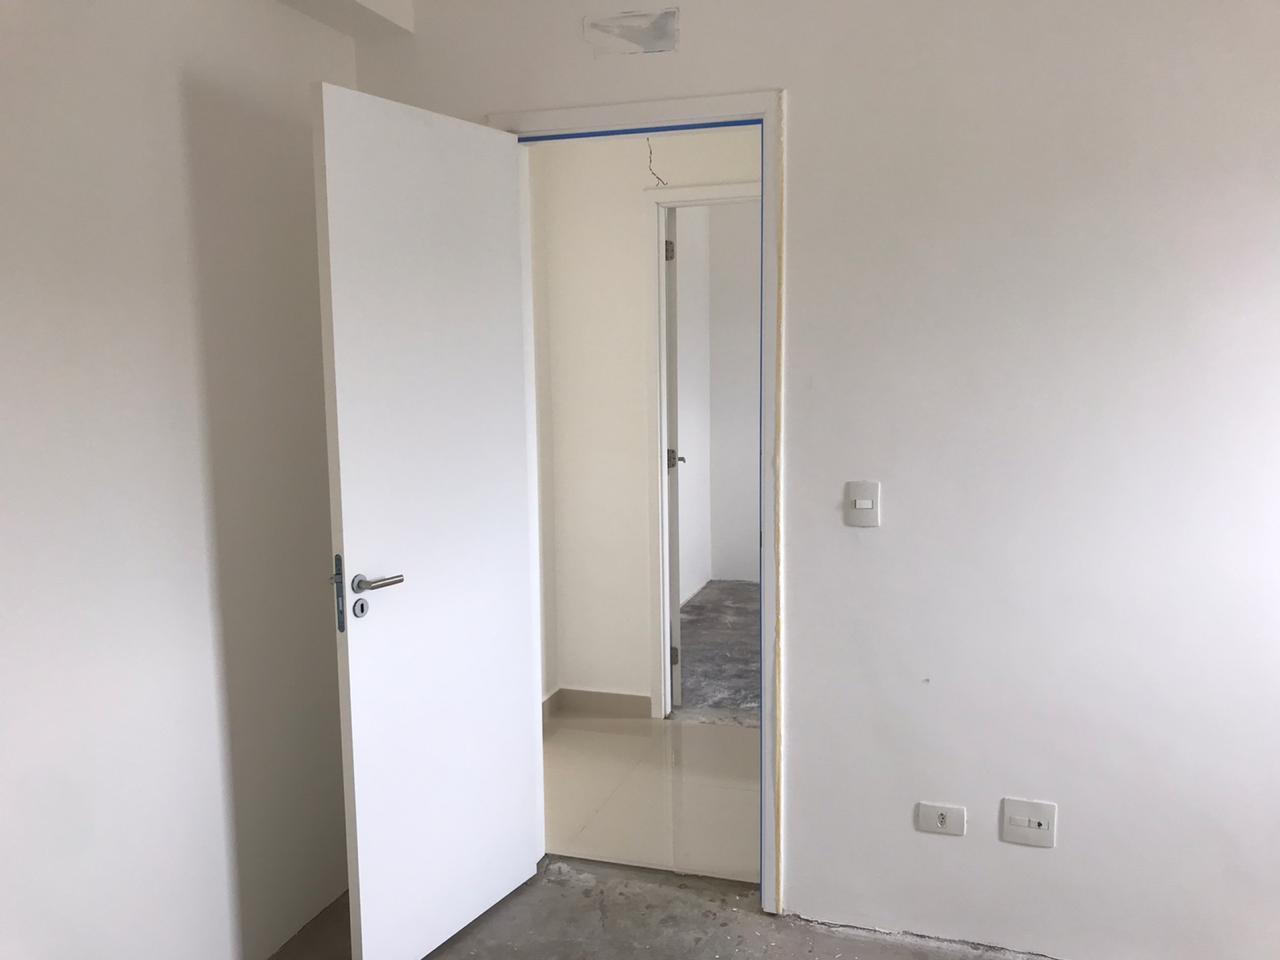 apartamento novo 2 dormitórios com 1 suite e uma varanda gourmet. - foto 5